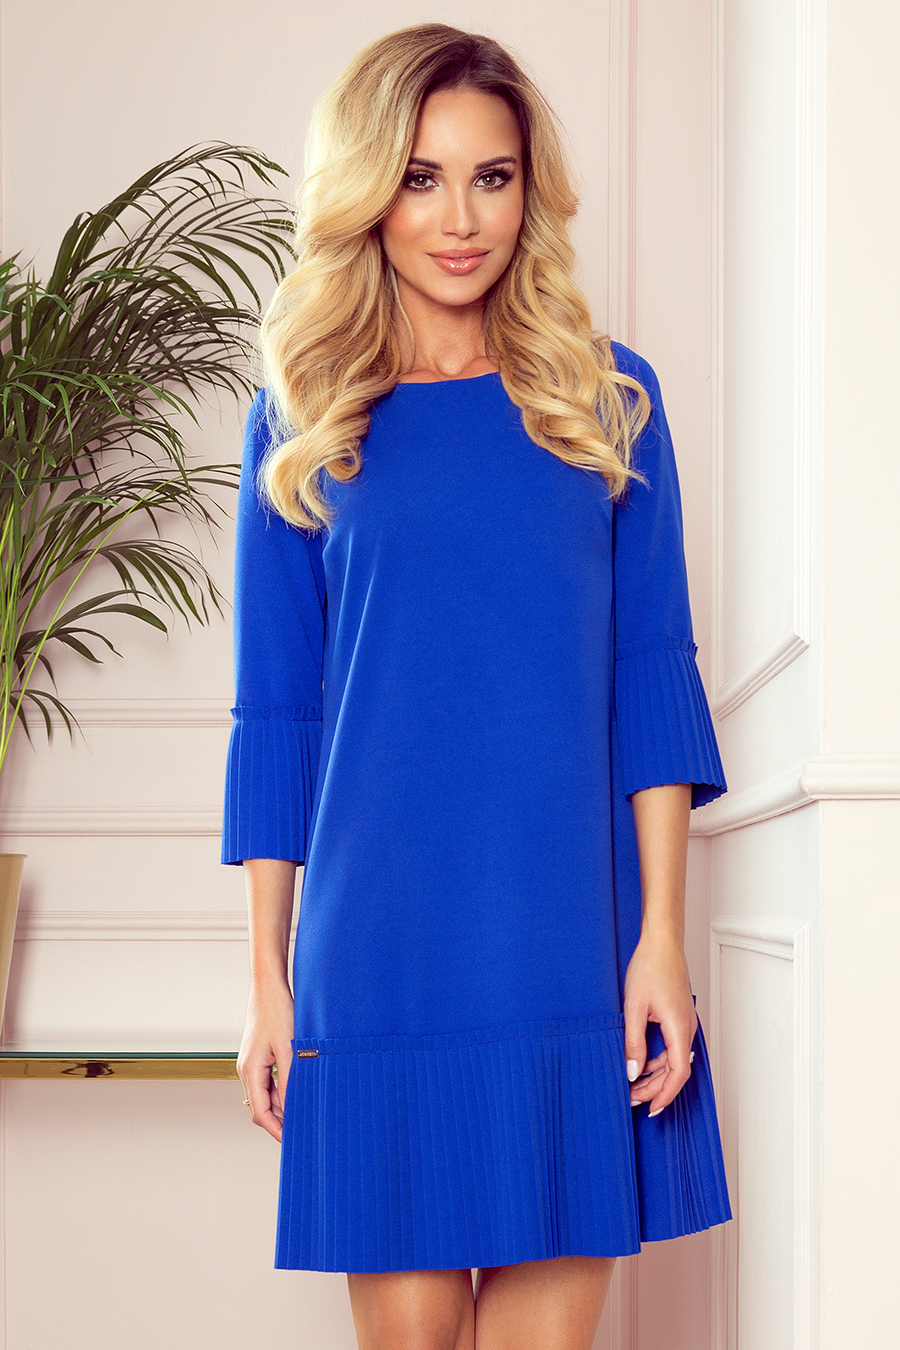 Dámske šaty 228-8 Lucy - NUMOCO kráľovská modrá S